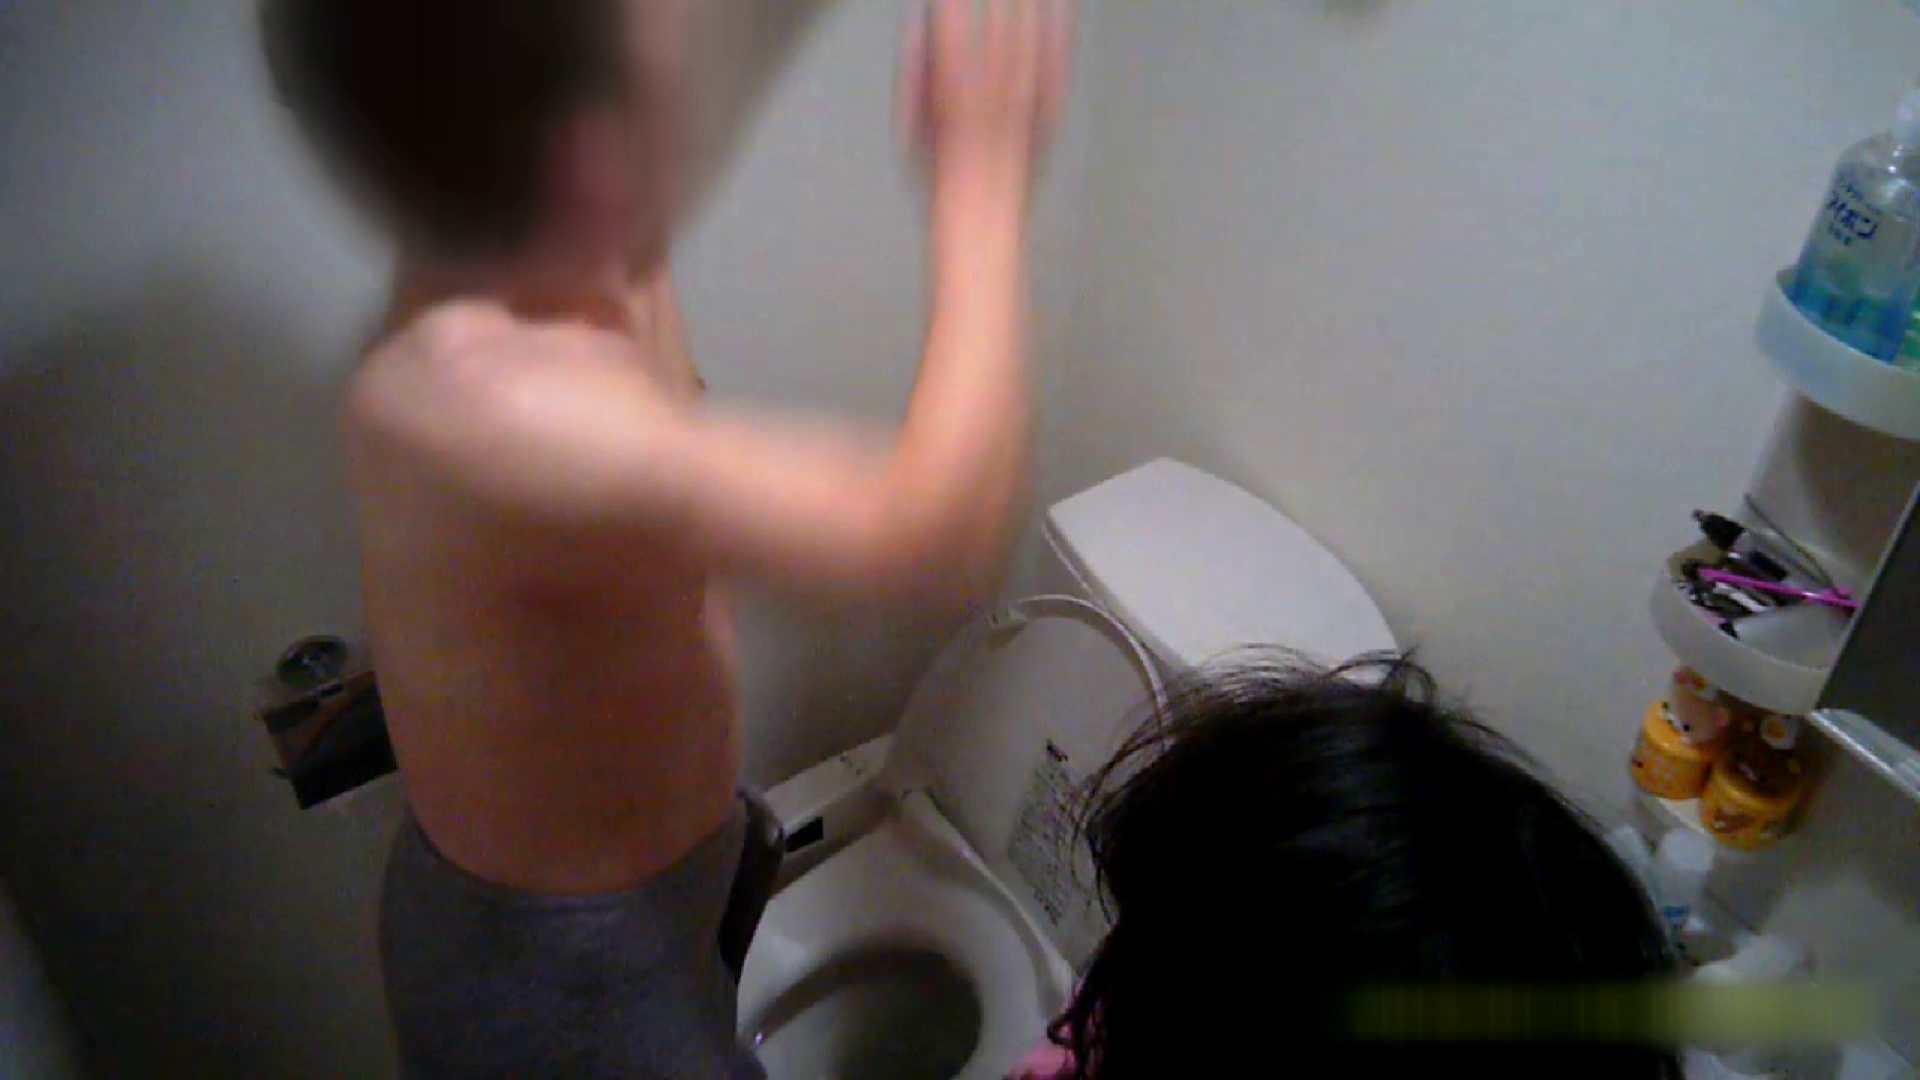 清楚な顔してかなり敏感なE子25歳(仮名)Vol.05 裸でトイレ編 美乳   高画質  90枚 85